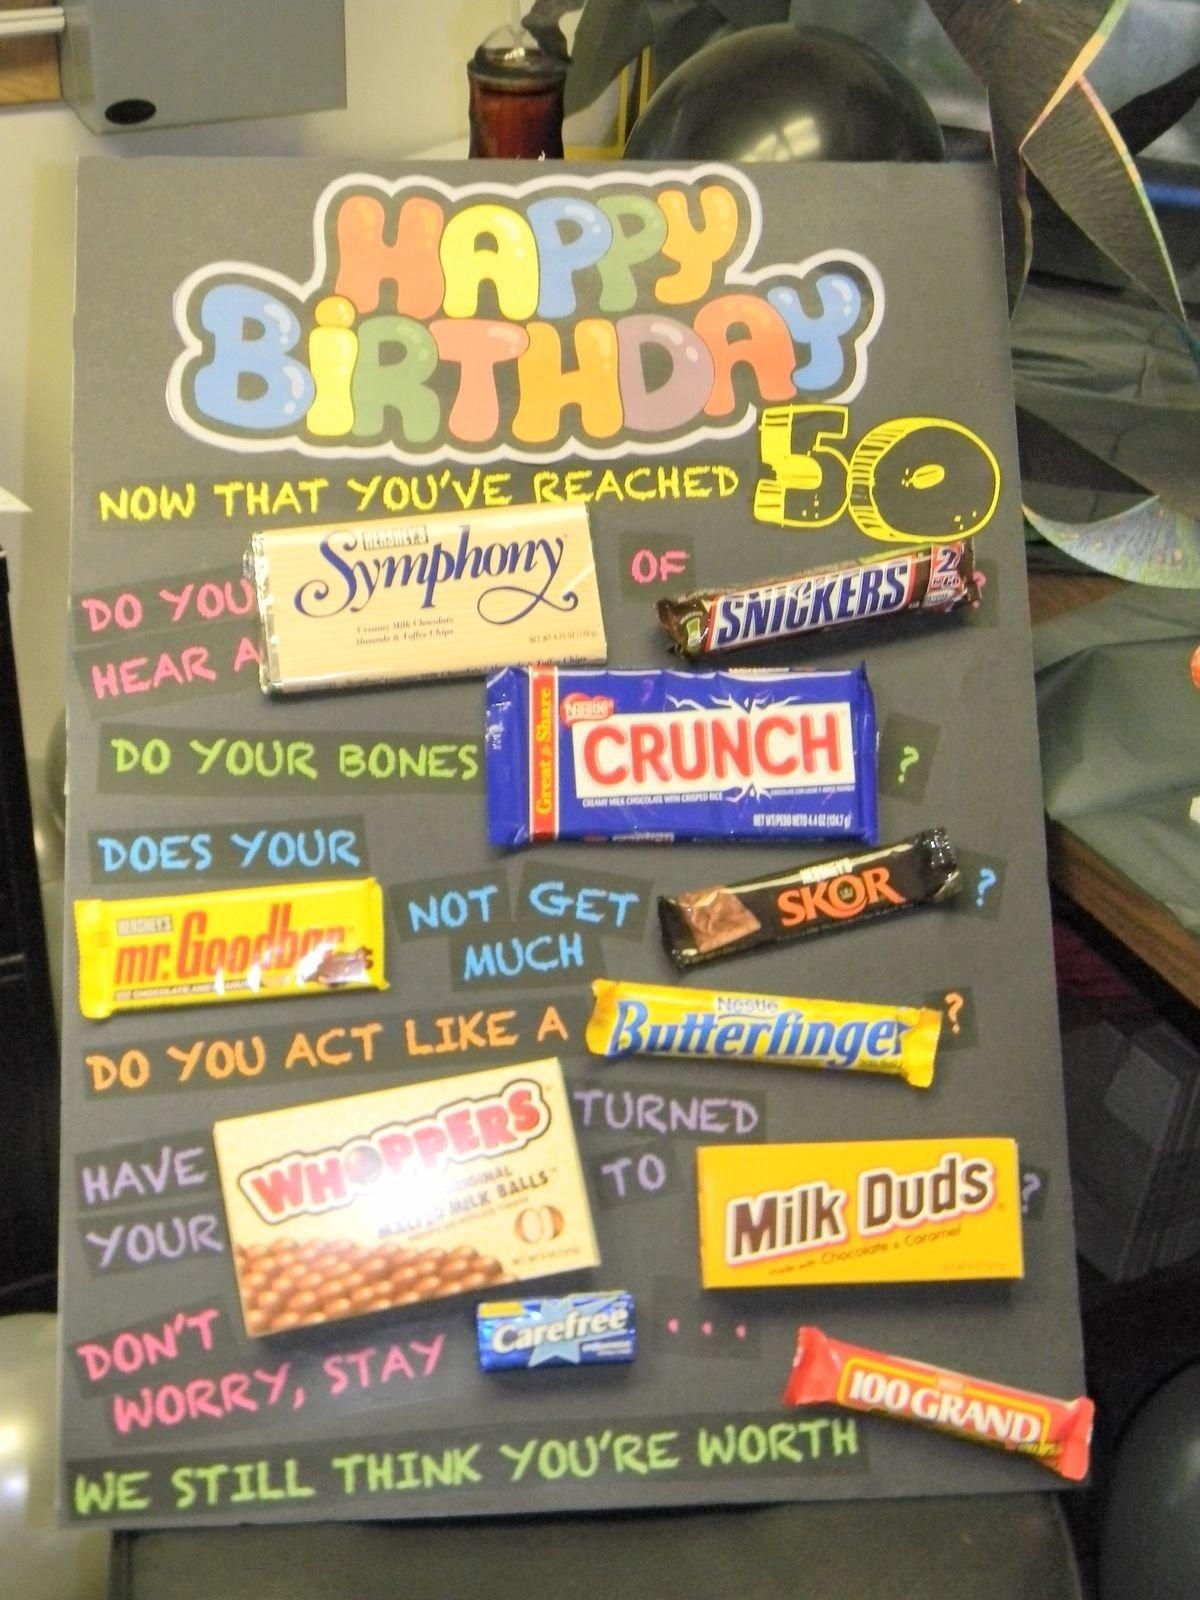 10 Pretty 50 Birthday Gift Ideas For Her ecd65fb8a78476edc240684b14284dbc 1200x1600 pixelsashleyw